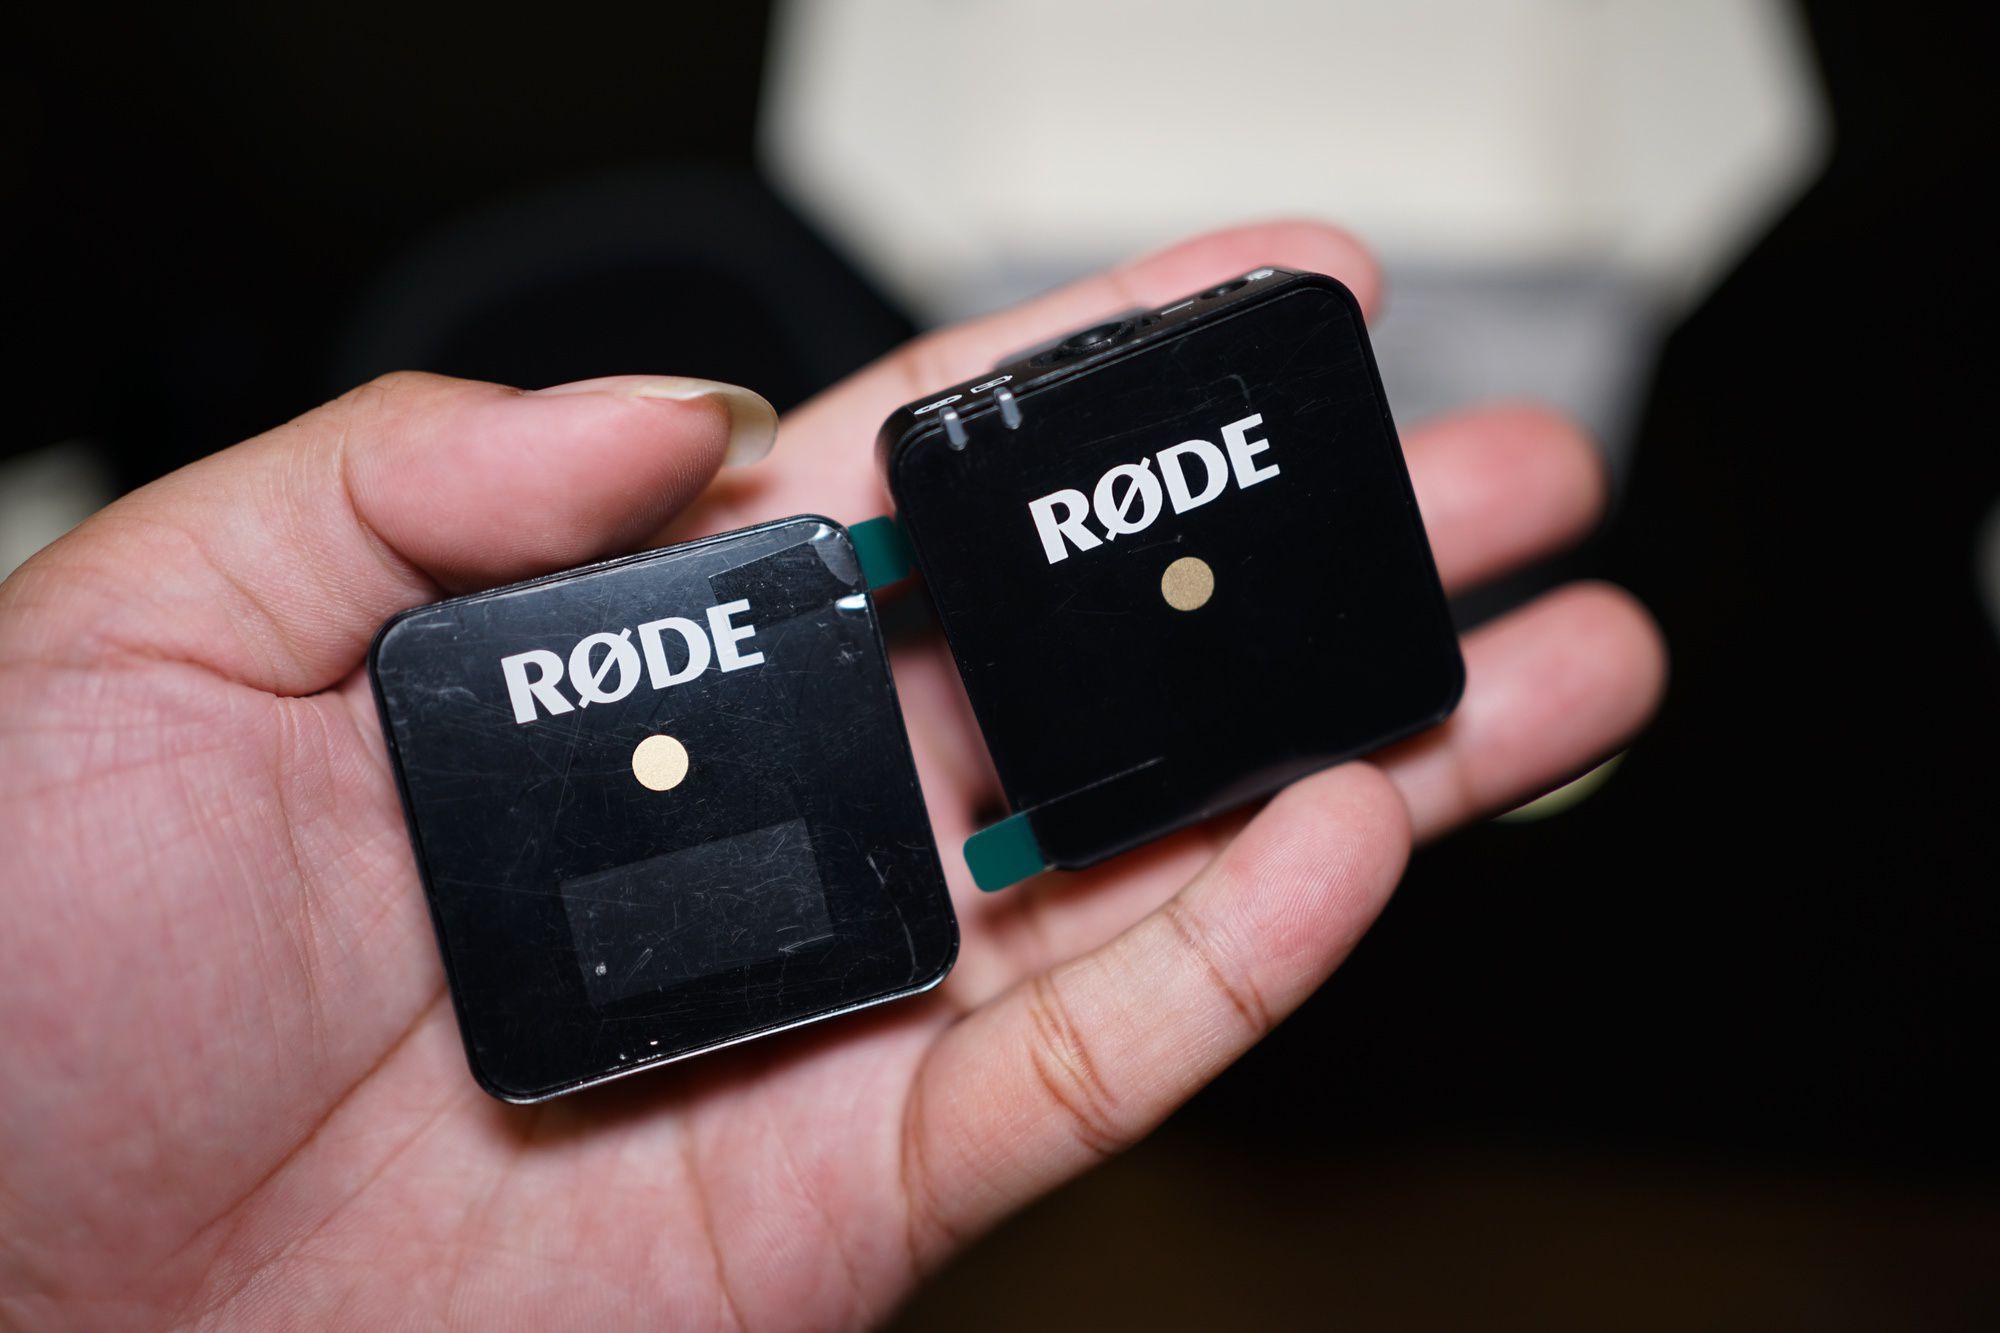 รีวิว RODE Wireless Go ไมค์ไร้สาย เล็กพริกขี้หนู สำหรับ Content Creator